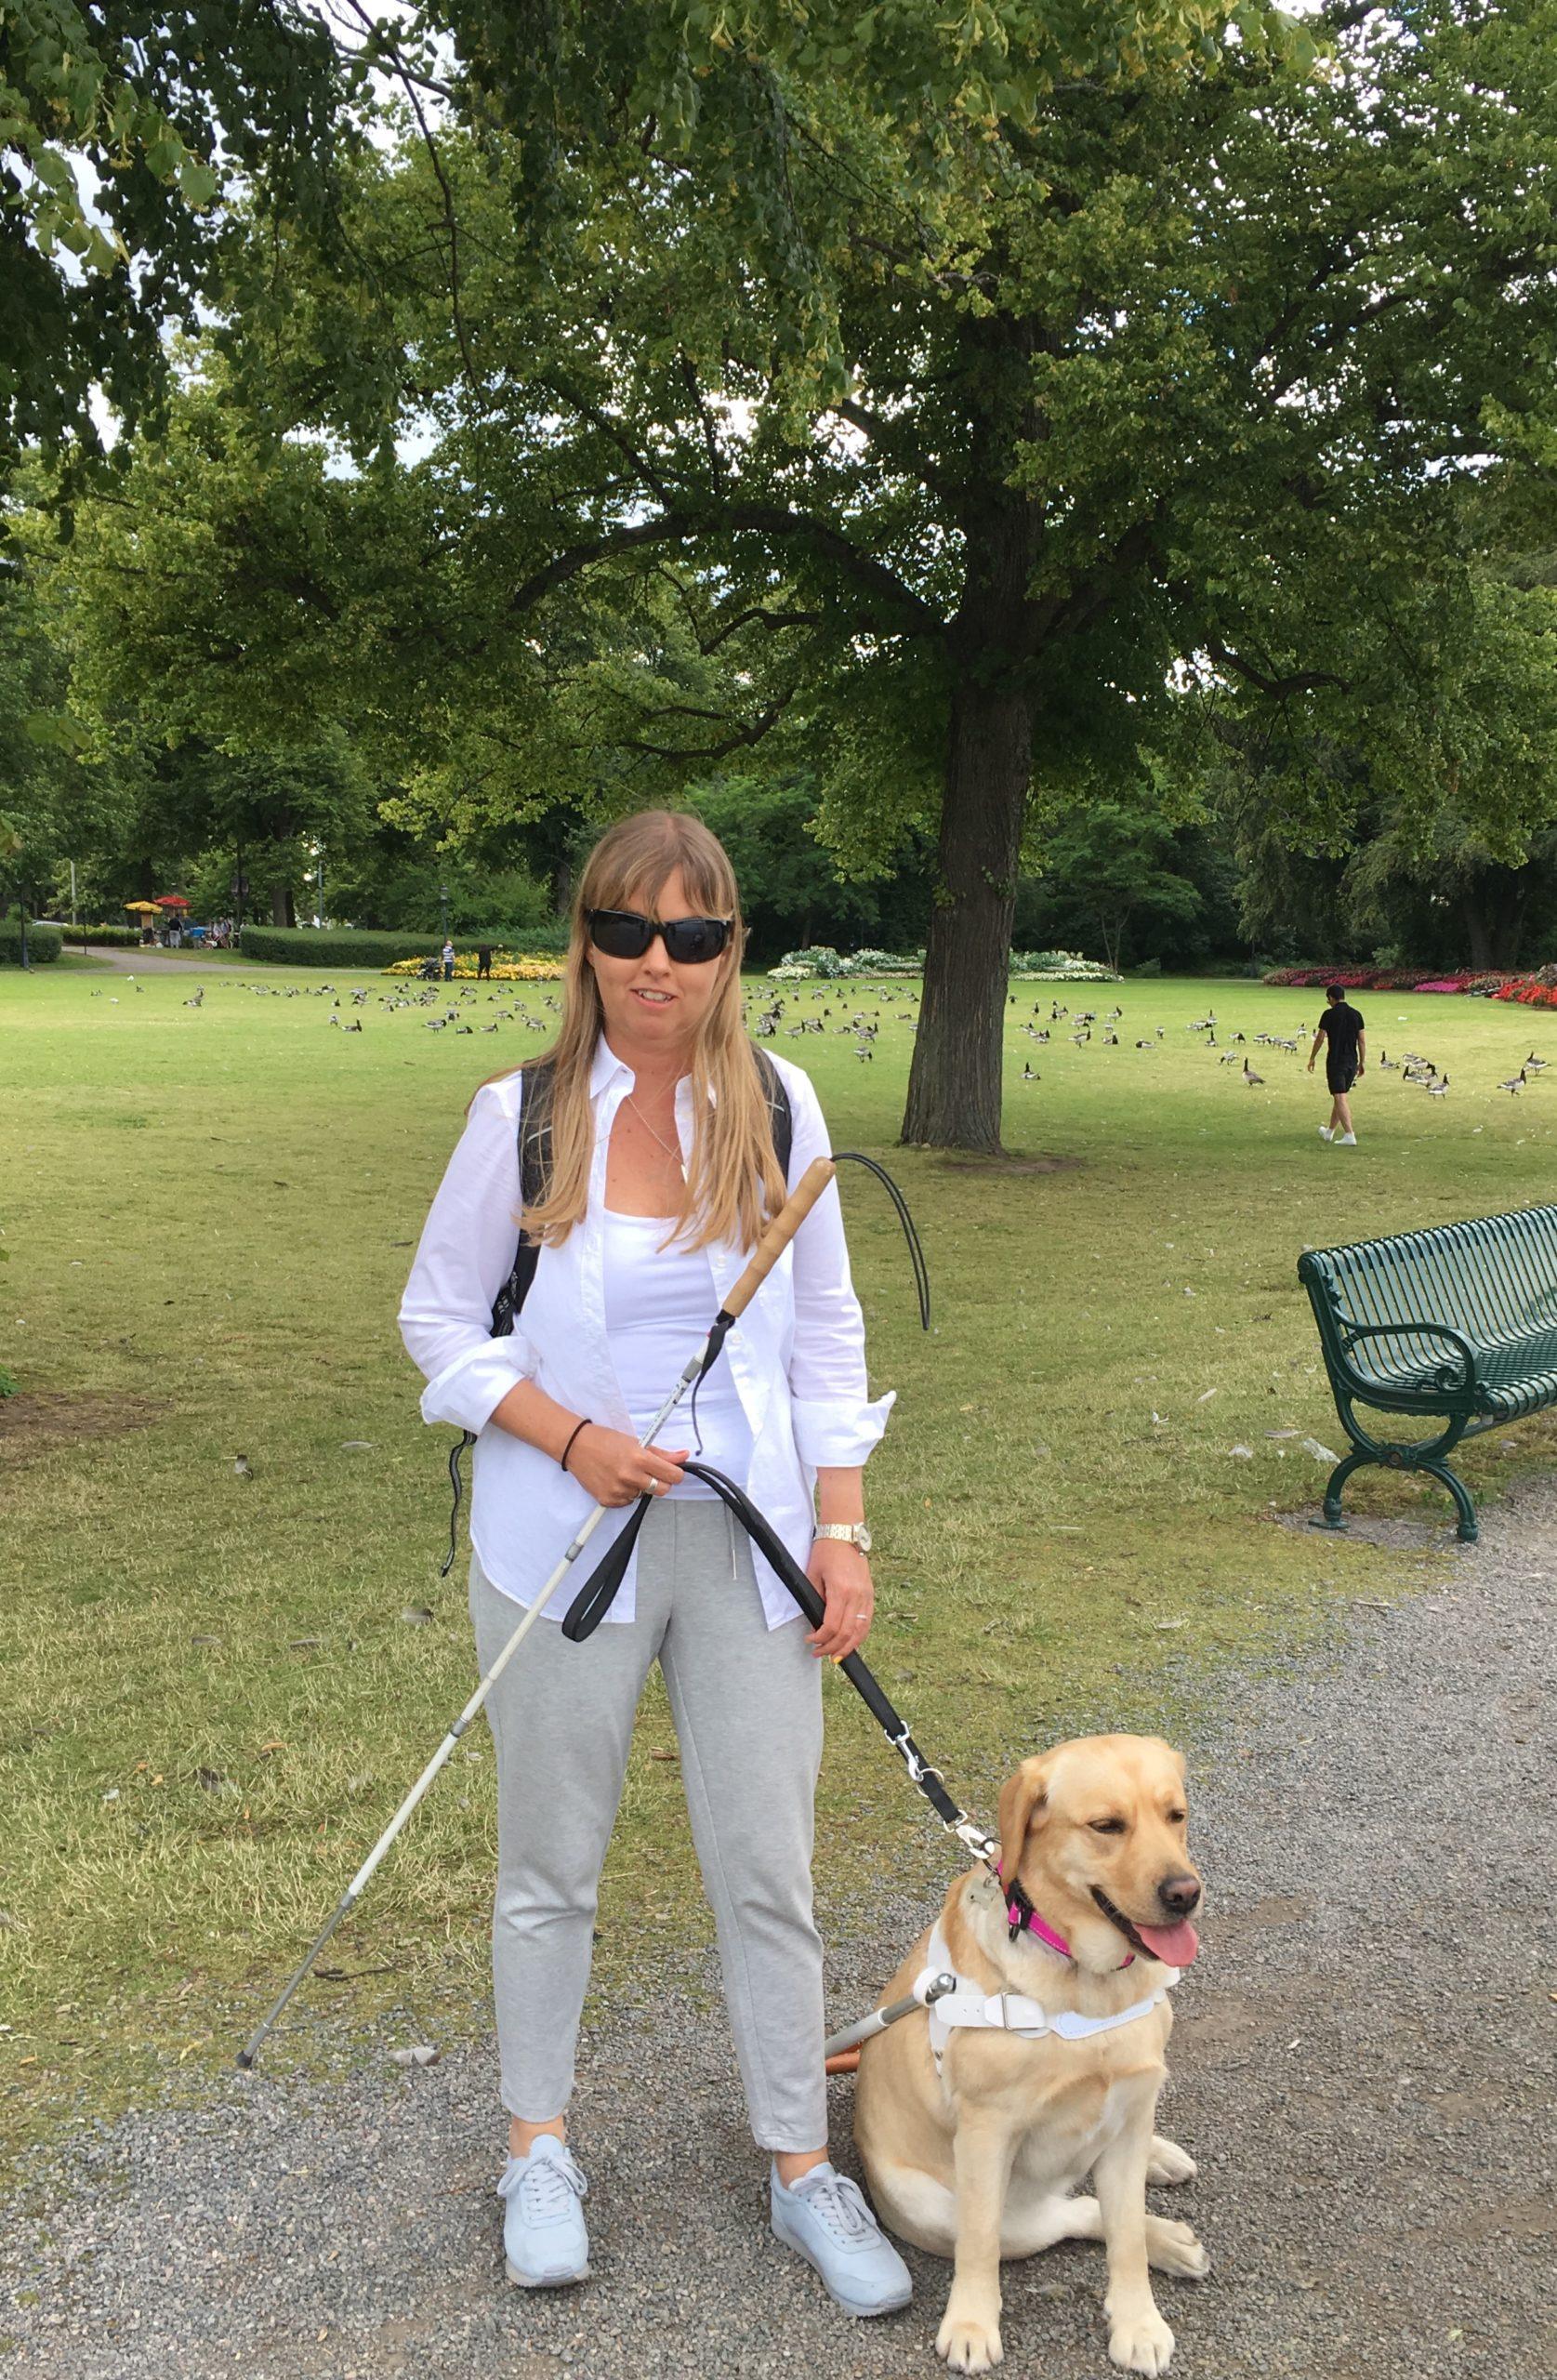 Jag promenrandes med min ledarhund, en ljus labrador iklädd vit sele. I bakgrunden syns en stor park och ett stort träd. På marken går cirka 100 fåglar bakom trädet. Jag har på mig solglasögon, en vit uppknäppt skjorta ovanpå ett vitt linne, ljusgrå byxor och ljusgrå skor samt en svart ryggsäck.